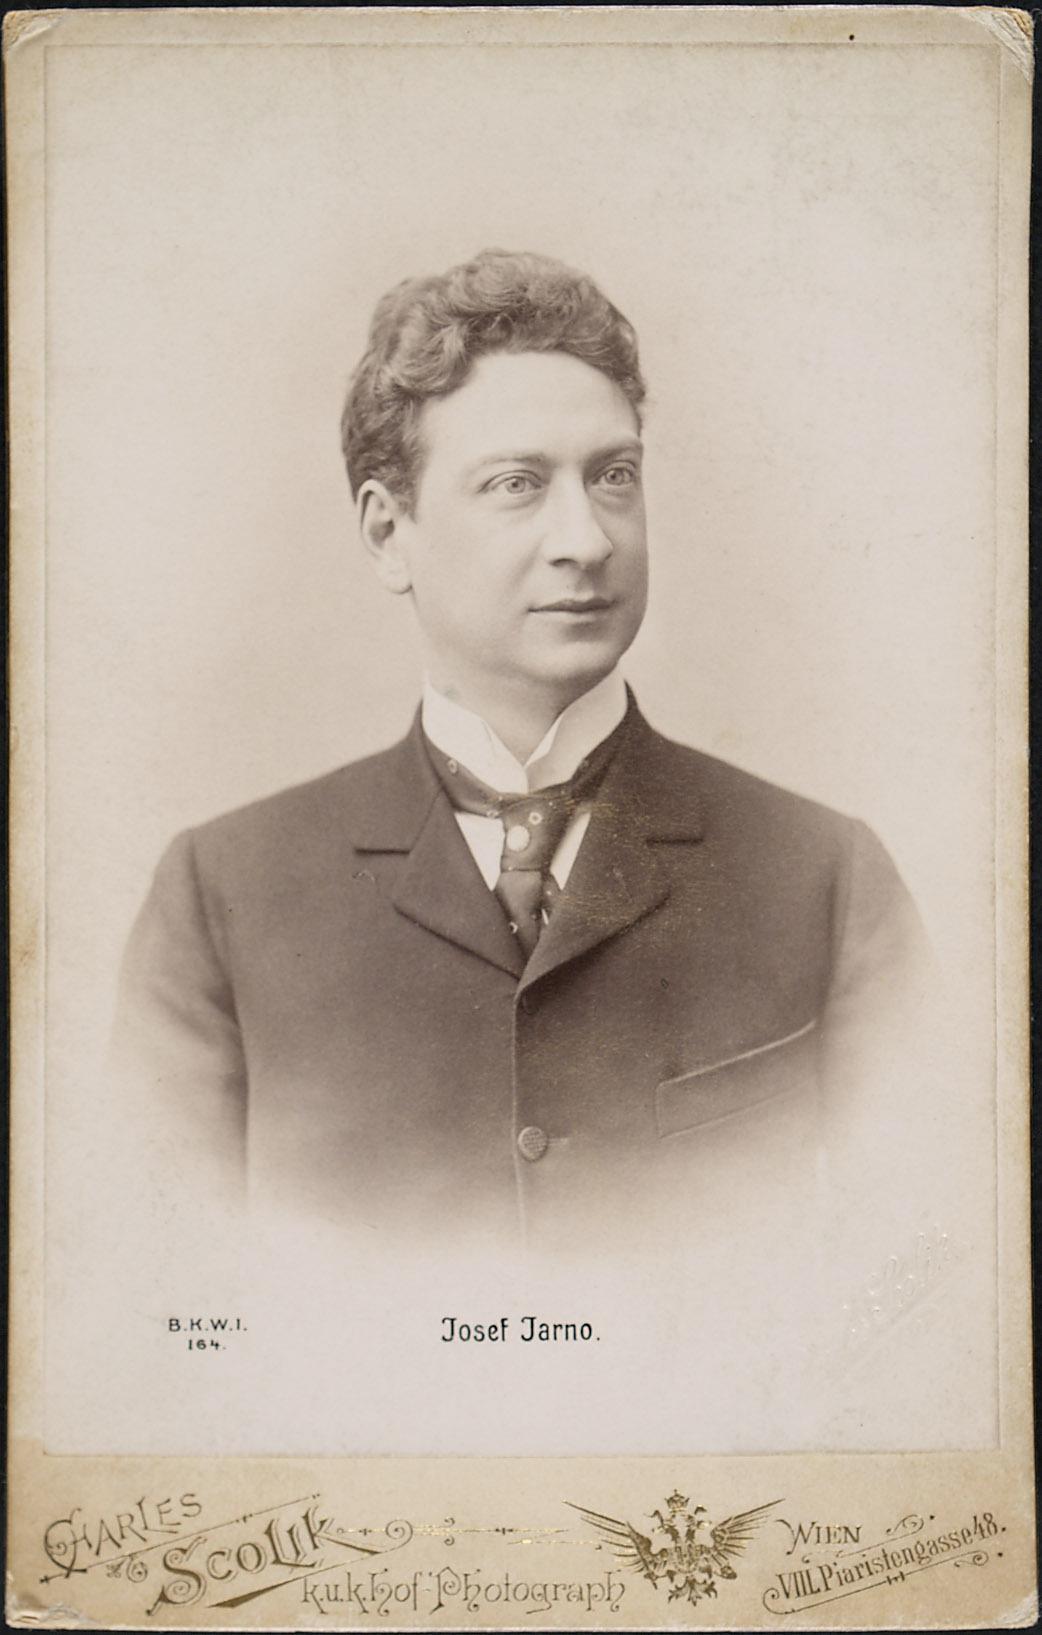 Josef Jarno von Charles Scolik, Wien